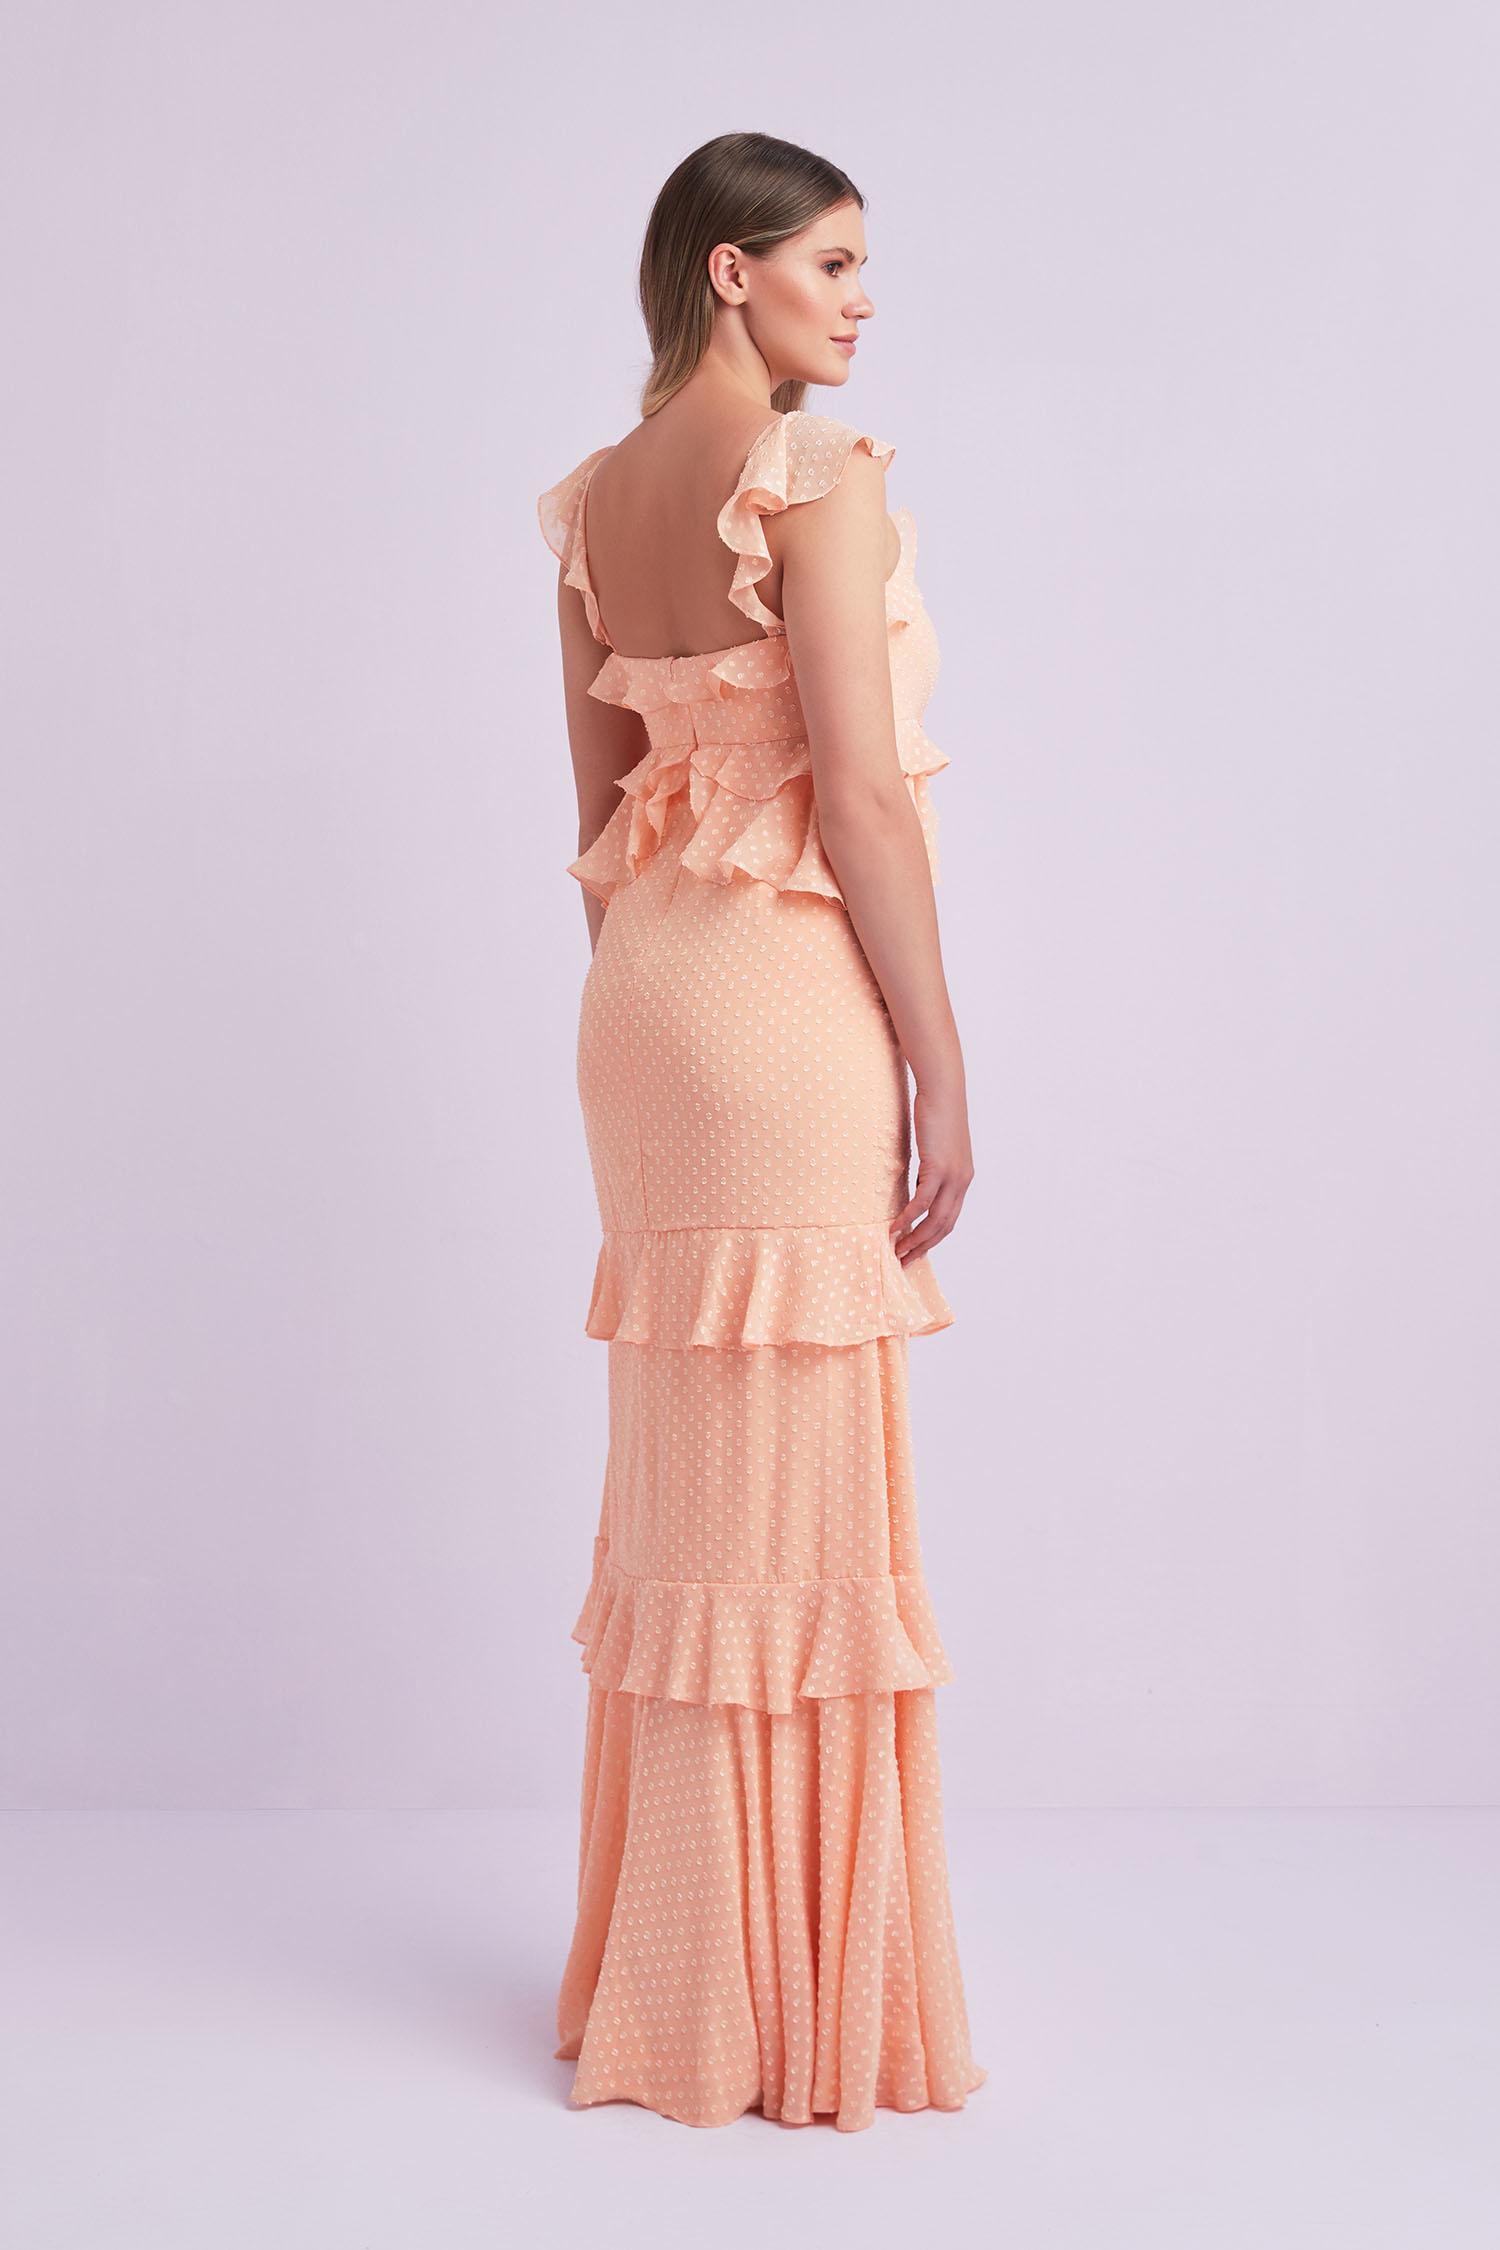 Yavruağzı Askılı Fırfırlı Şifon Uzun Büyük Beden Elbise - Thumbnail